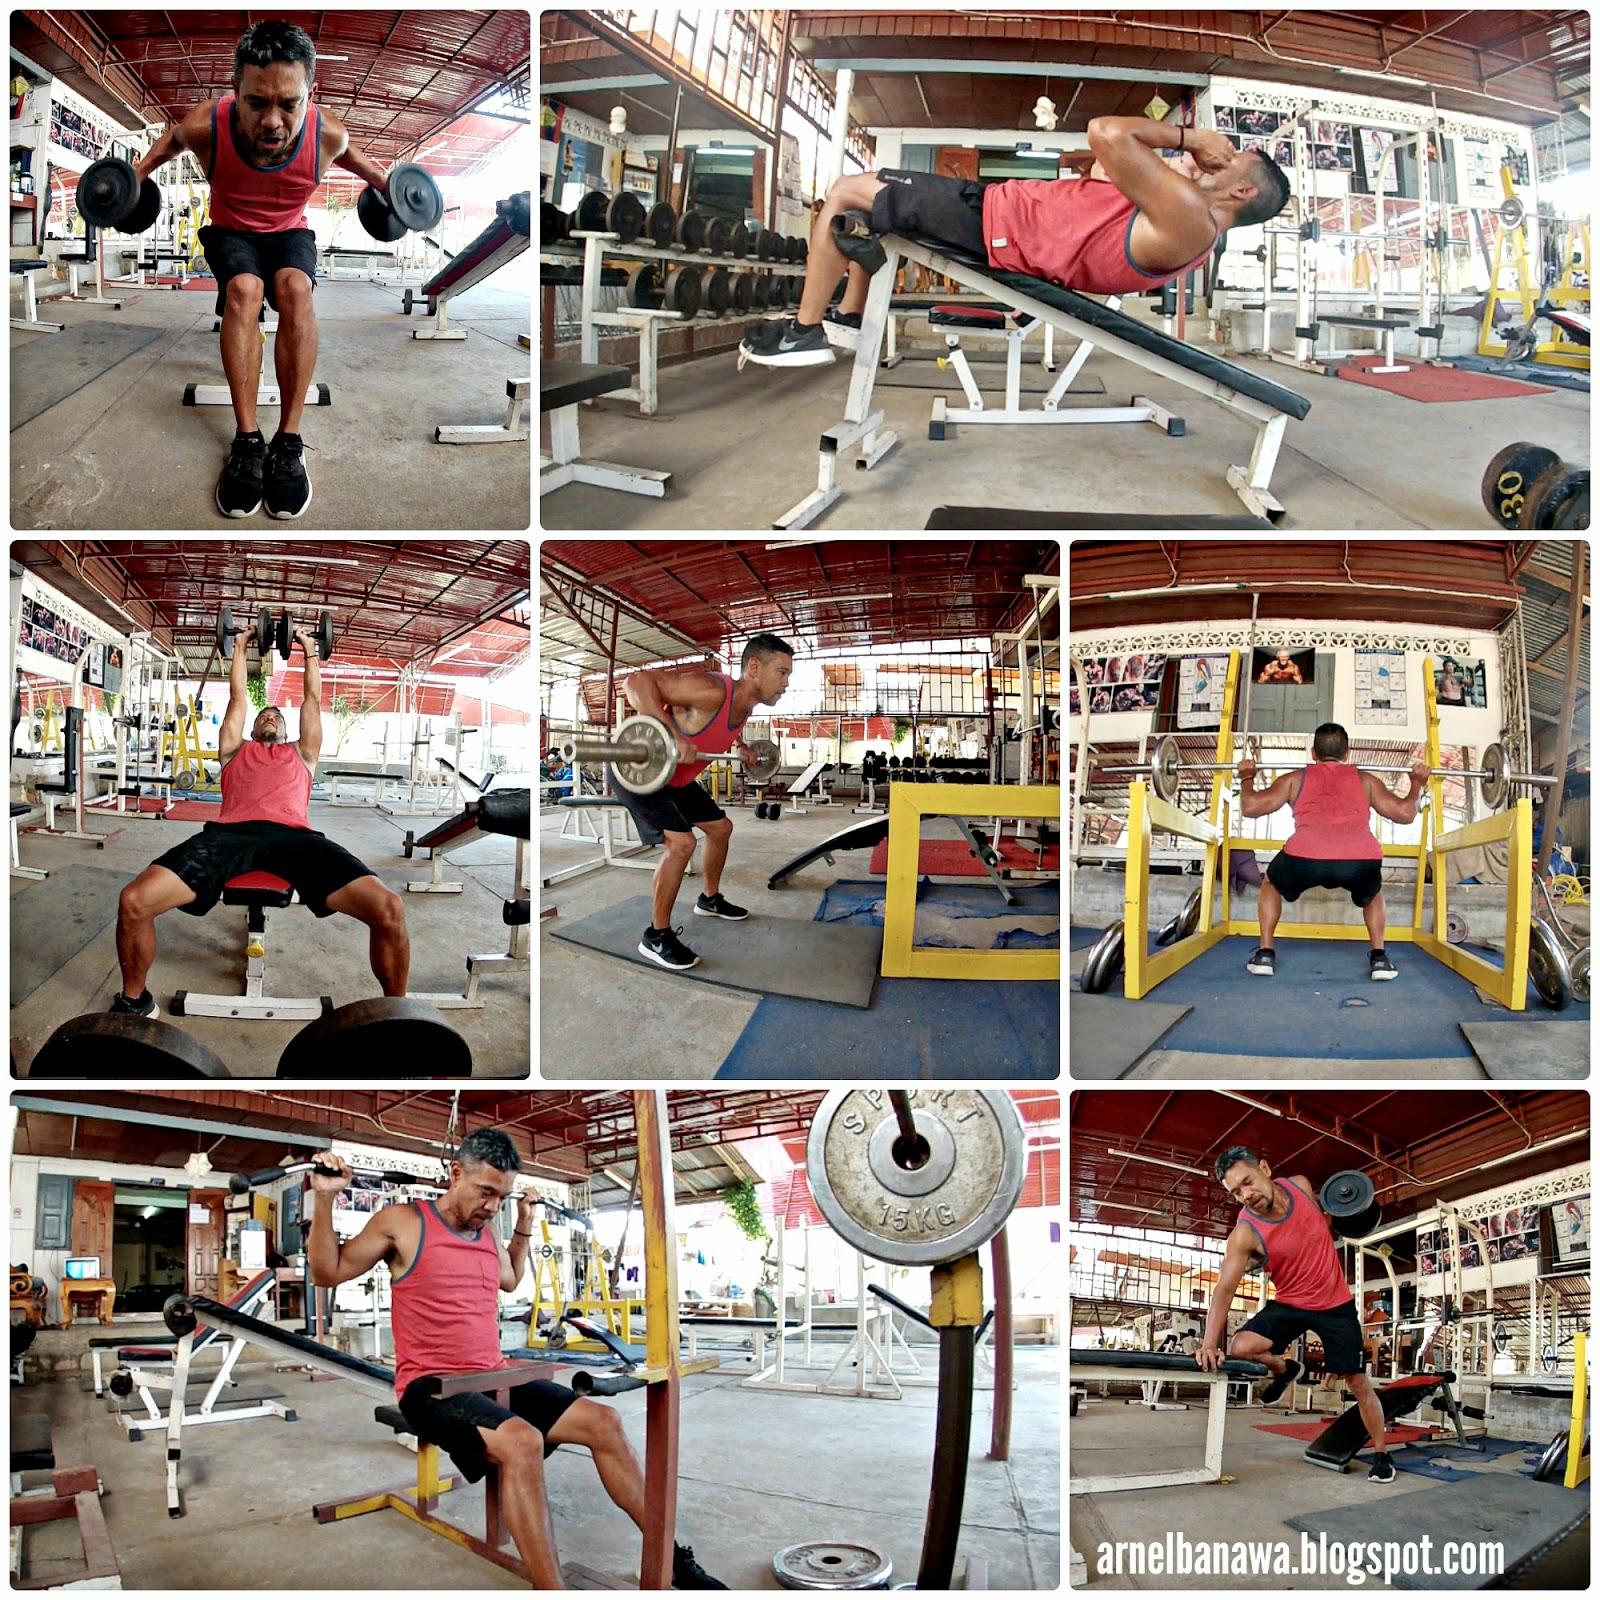 P90X Gym Workout in Luang Prabang Laos